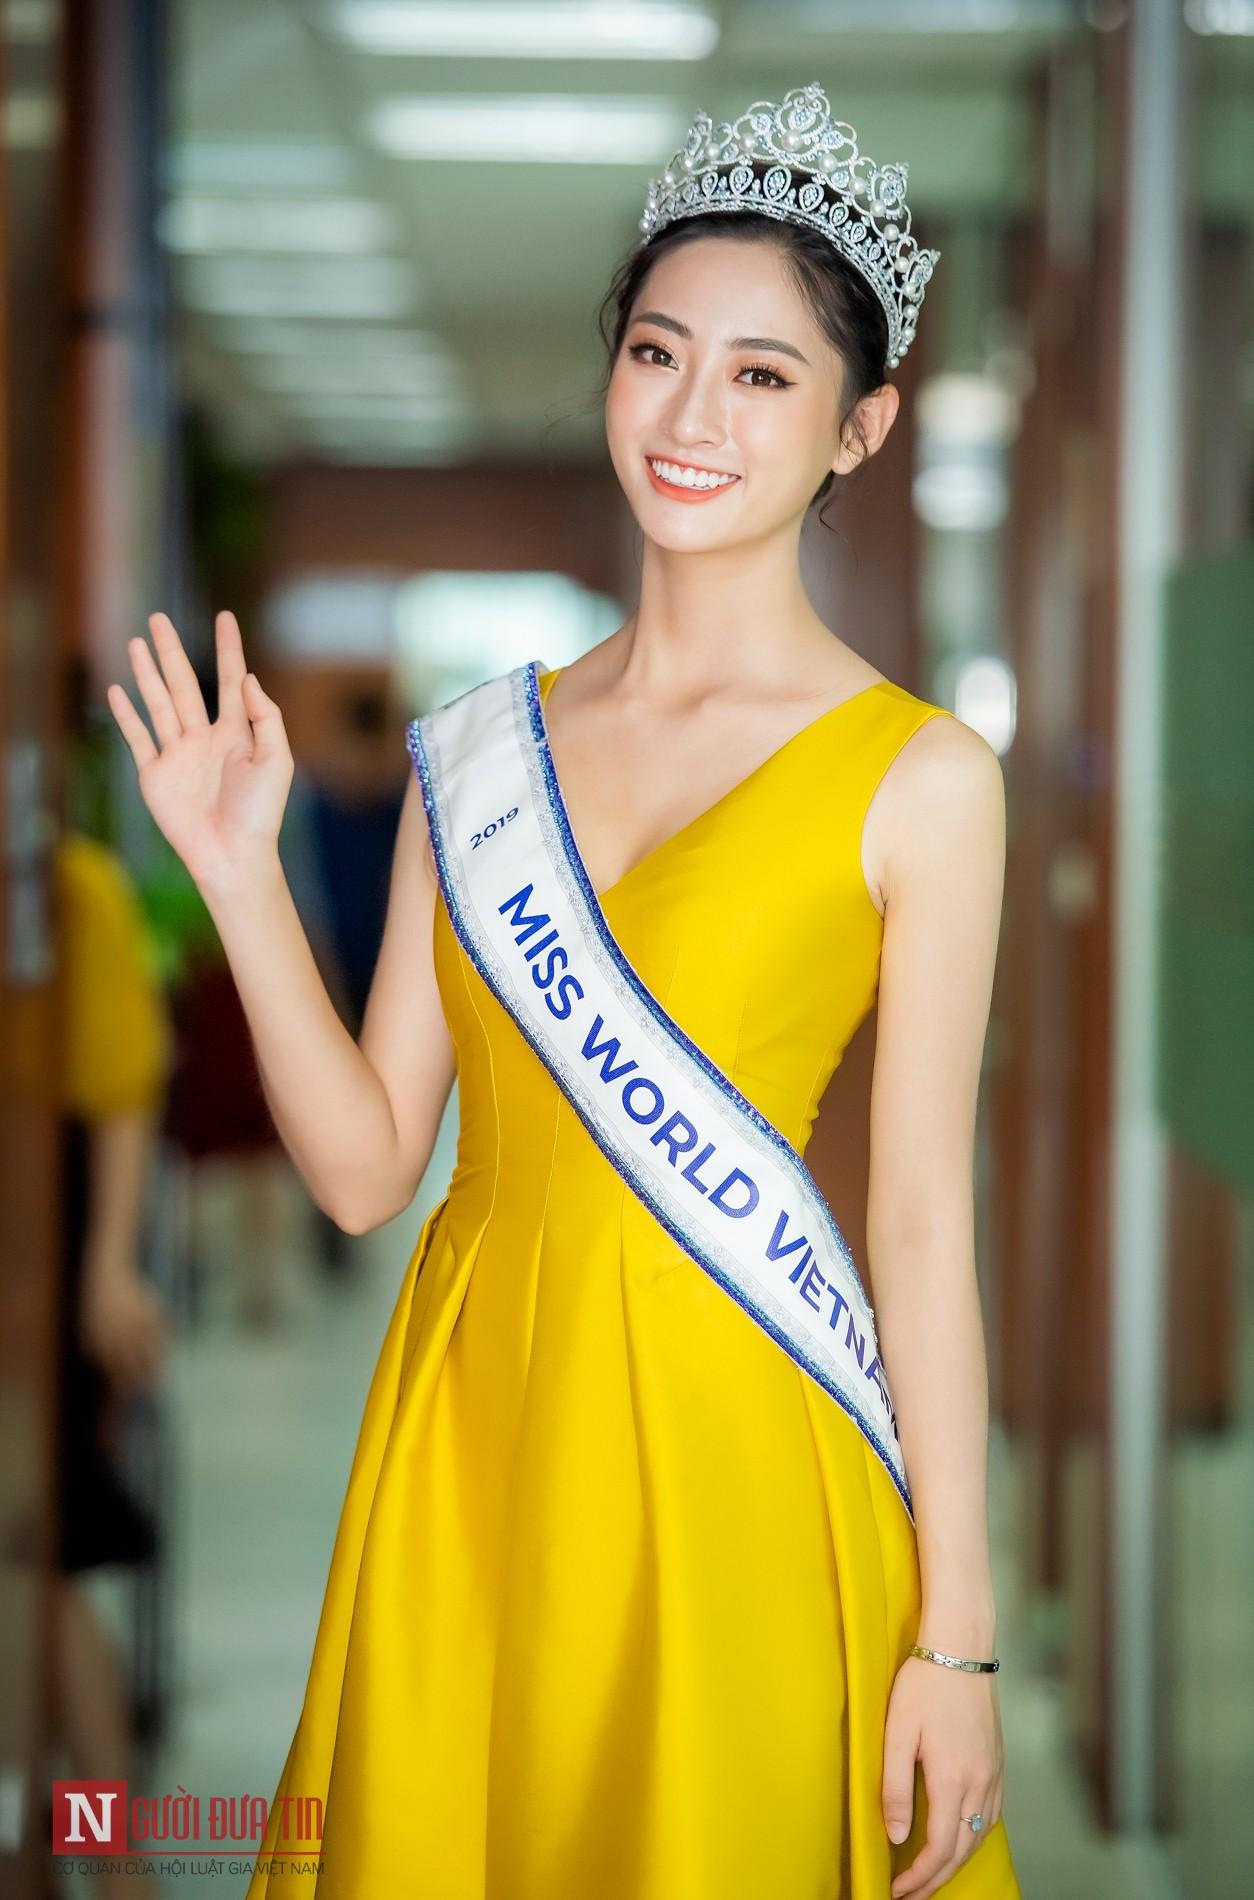 Ngỡ ngàng với nhan sắc Hoa hậu Lương Thùy Linh sau nửa tháng đăng quang - Hình 9